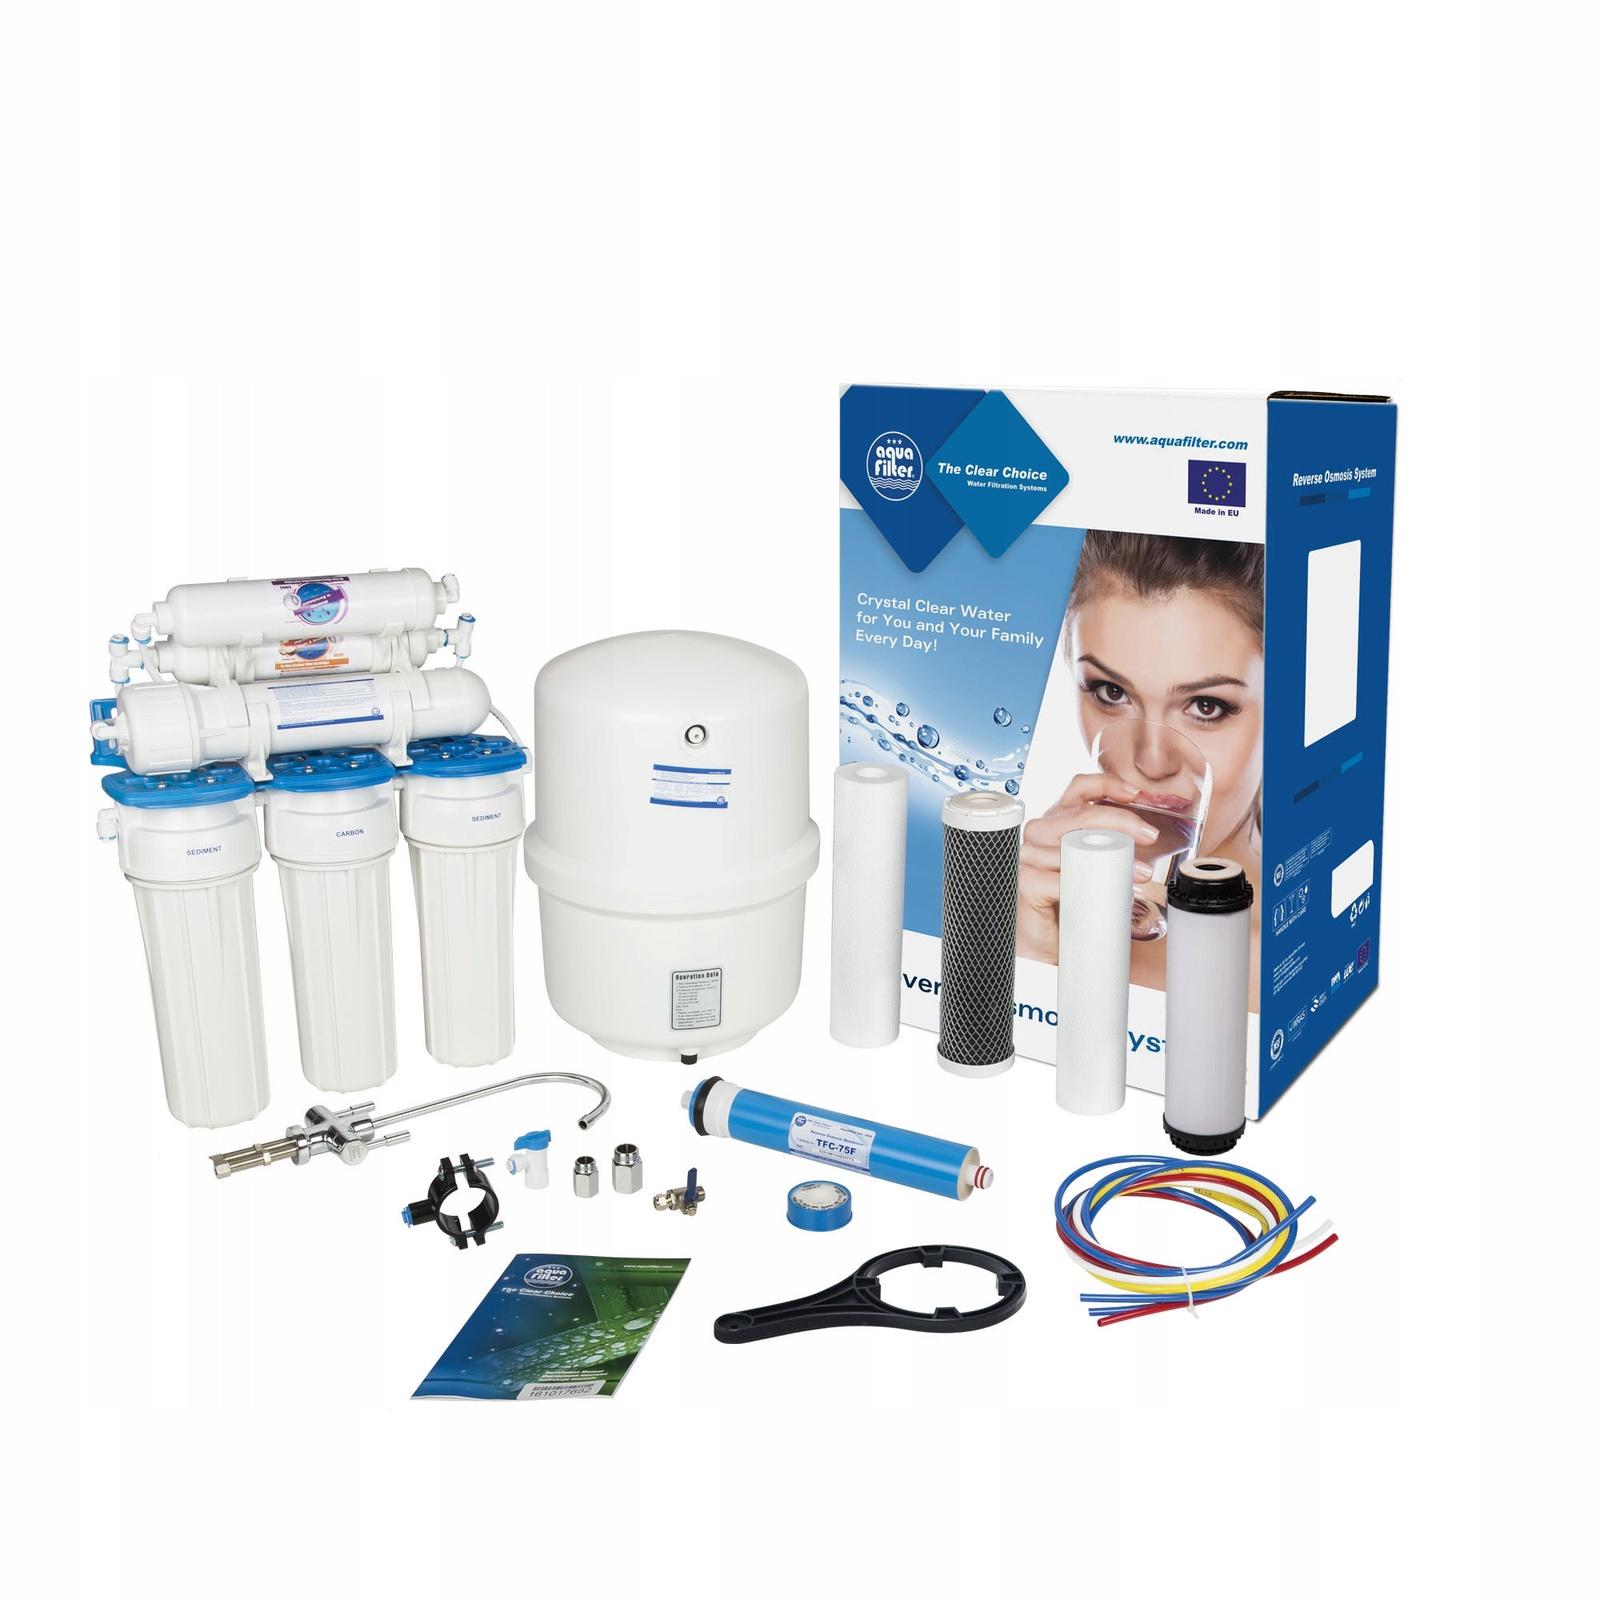 Шестиступенчатая система обратного осмоса, комплексная очистка, удаление вирусов и бактерий, Aquafilter RX65259516, 519